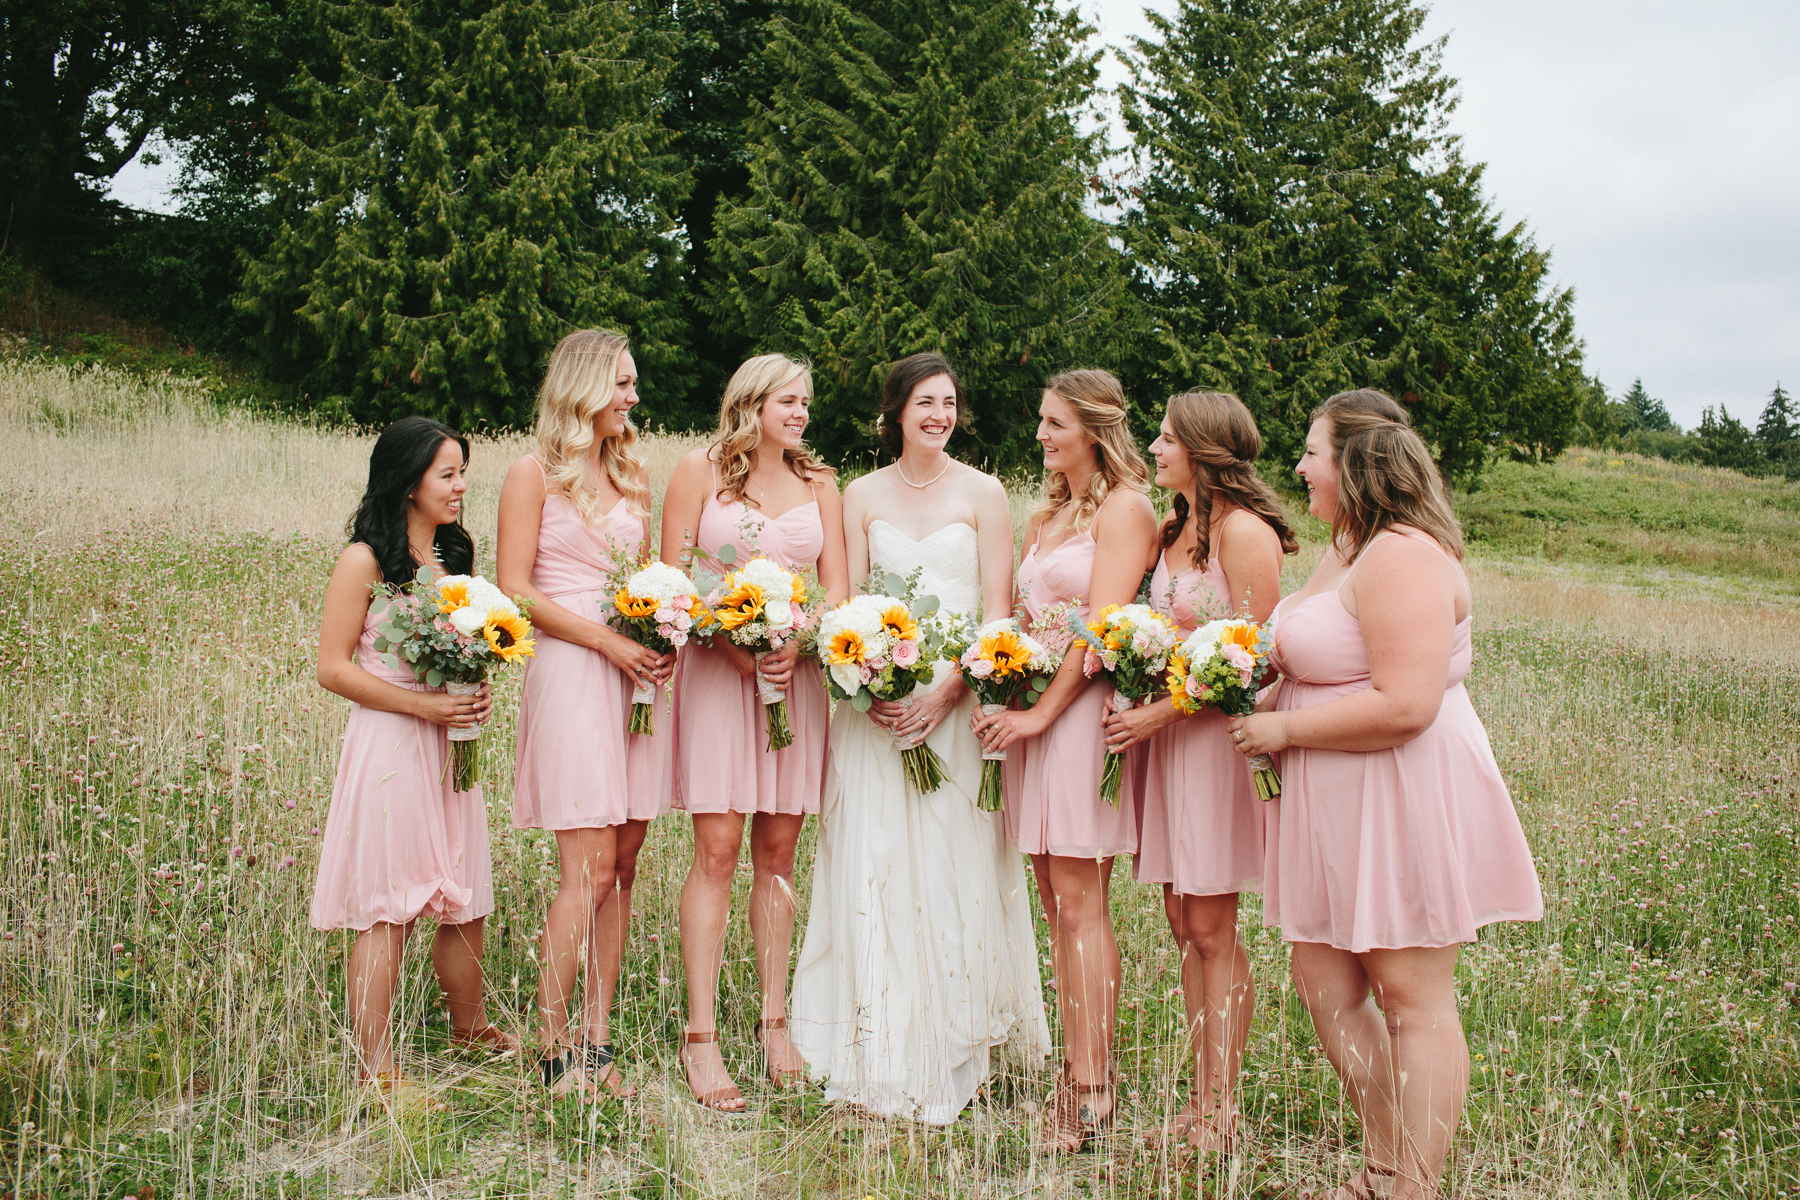 Vancouver-Rustic-Farm-Wedding-KB-055.jpg